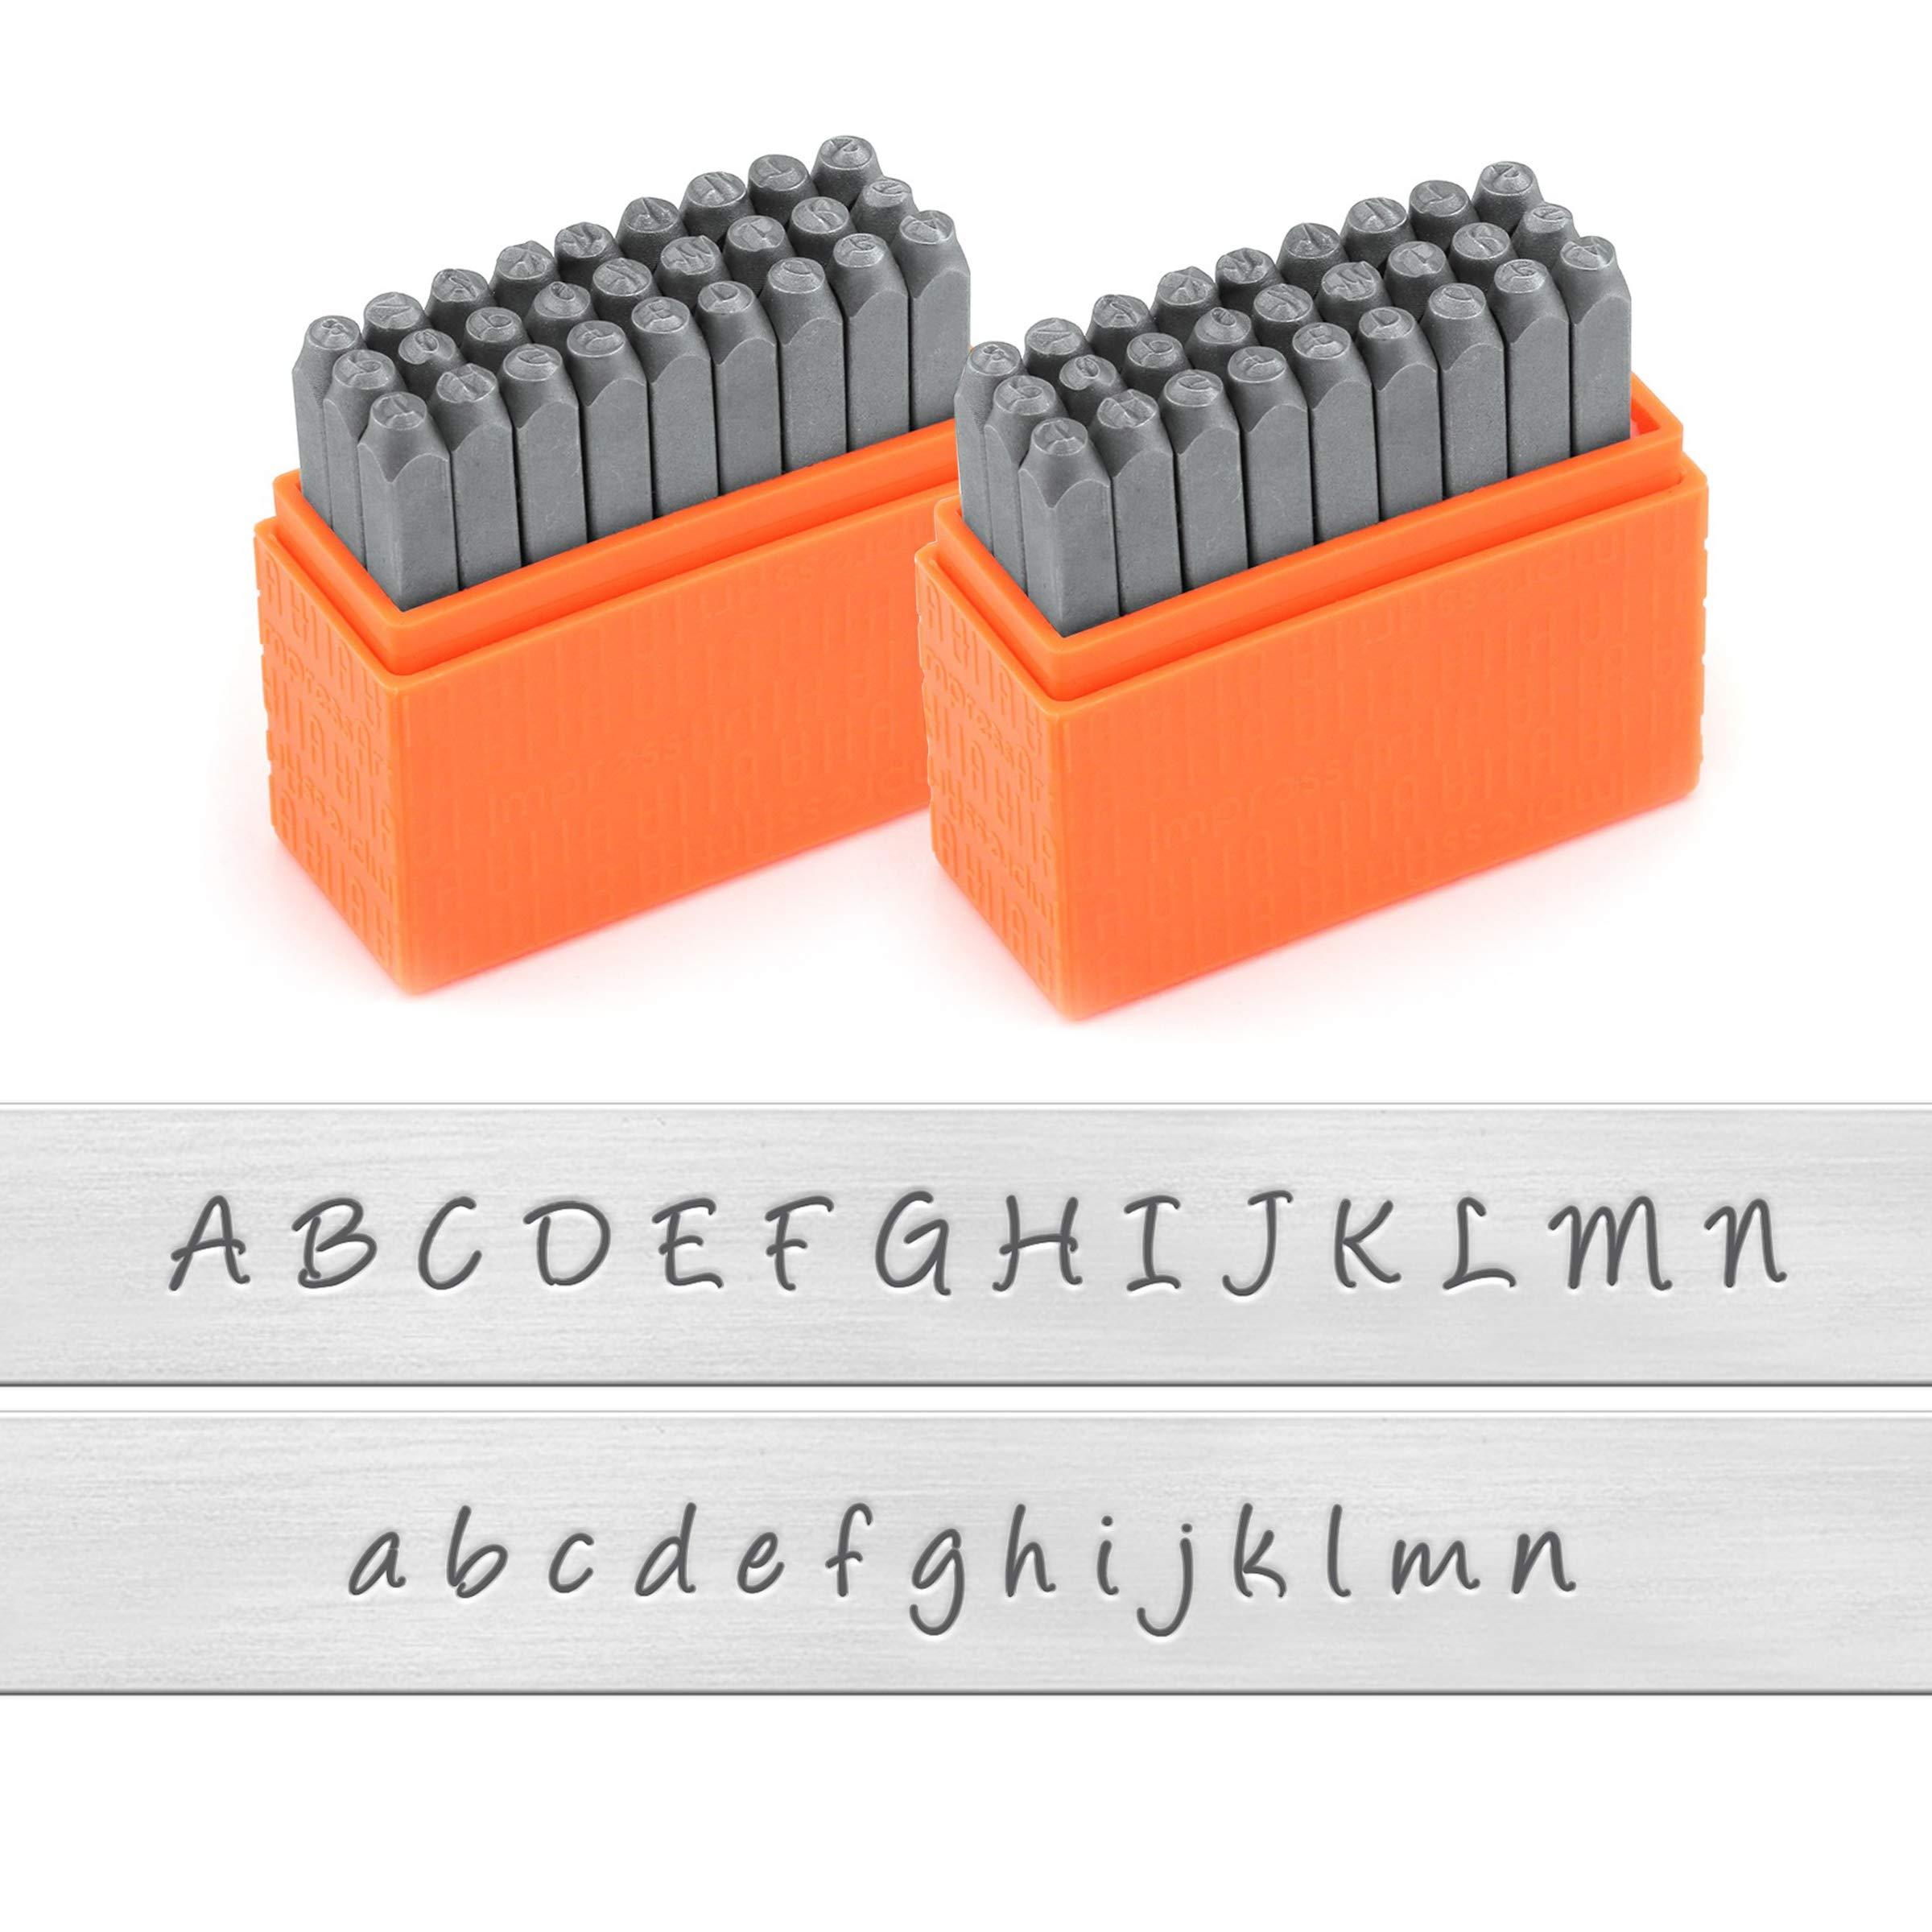 ImpressArt - Basic Bridgette Uppercase and Lowercase Letter Metal Stamps Set, 3MM by ImpressArt